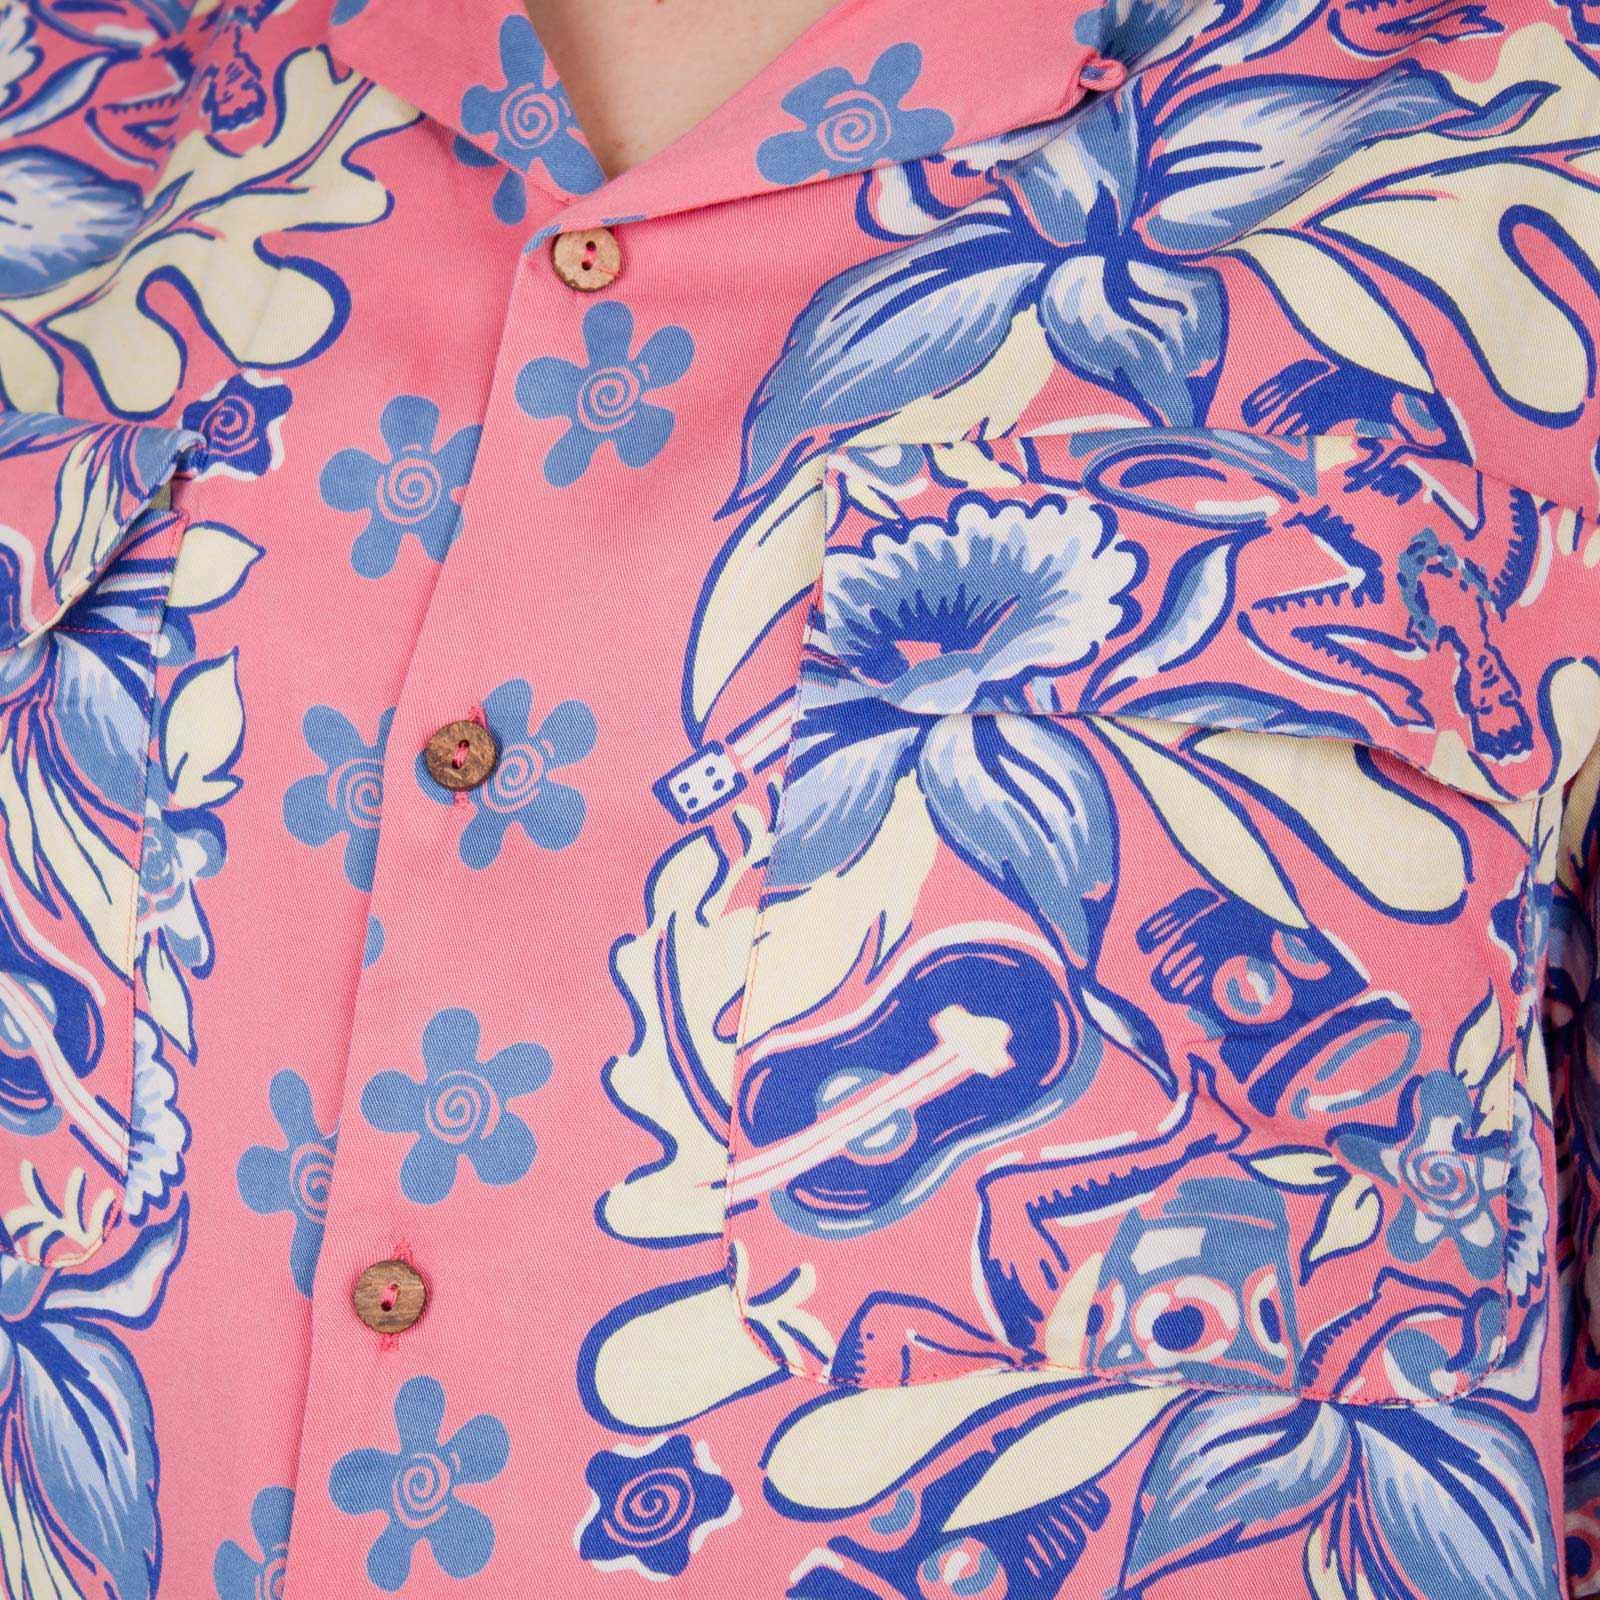 ea1f01a7 Levis Vintage 1950s Hawaiian Shirt - 64856-0002 - Sneakersnstuff | sneakers  & streetwear online since 1999